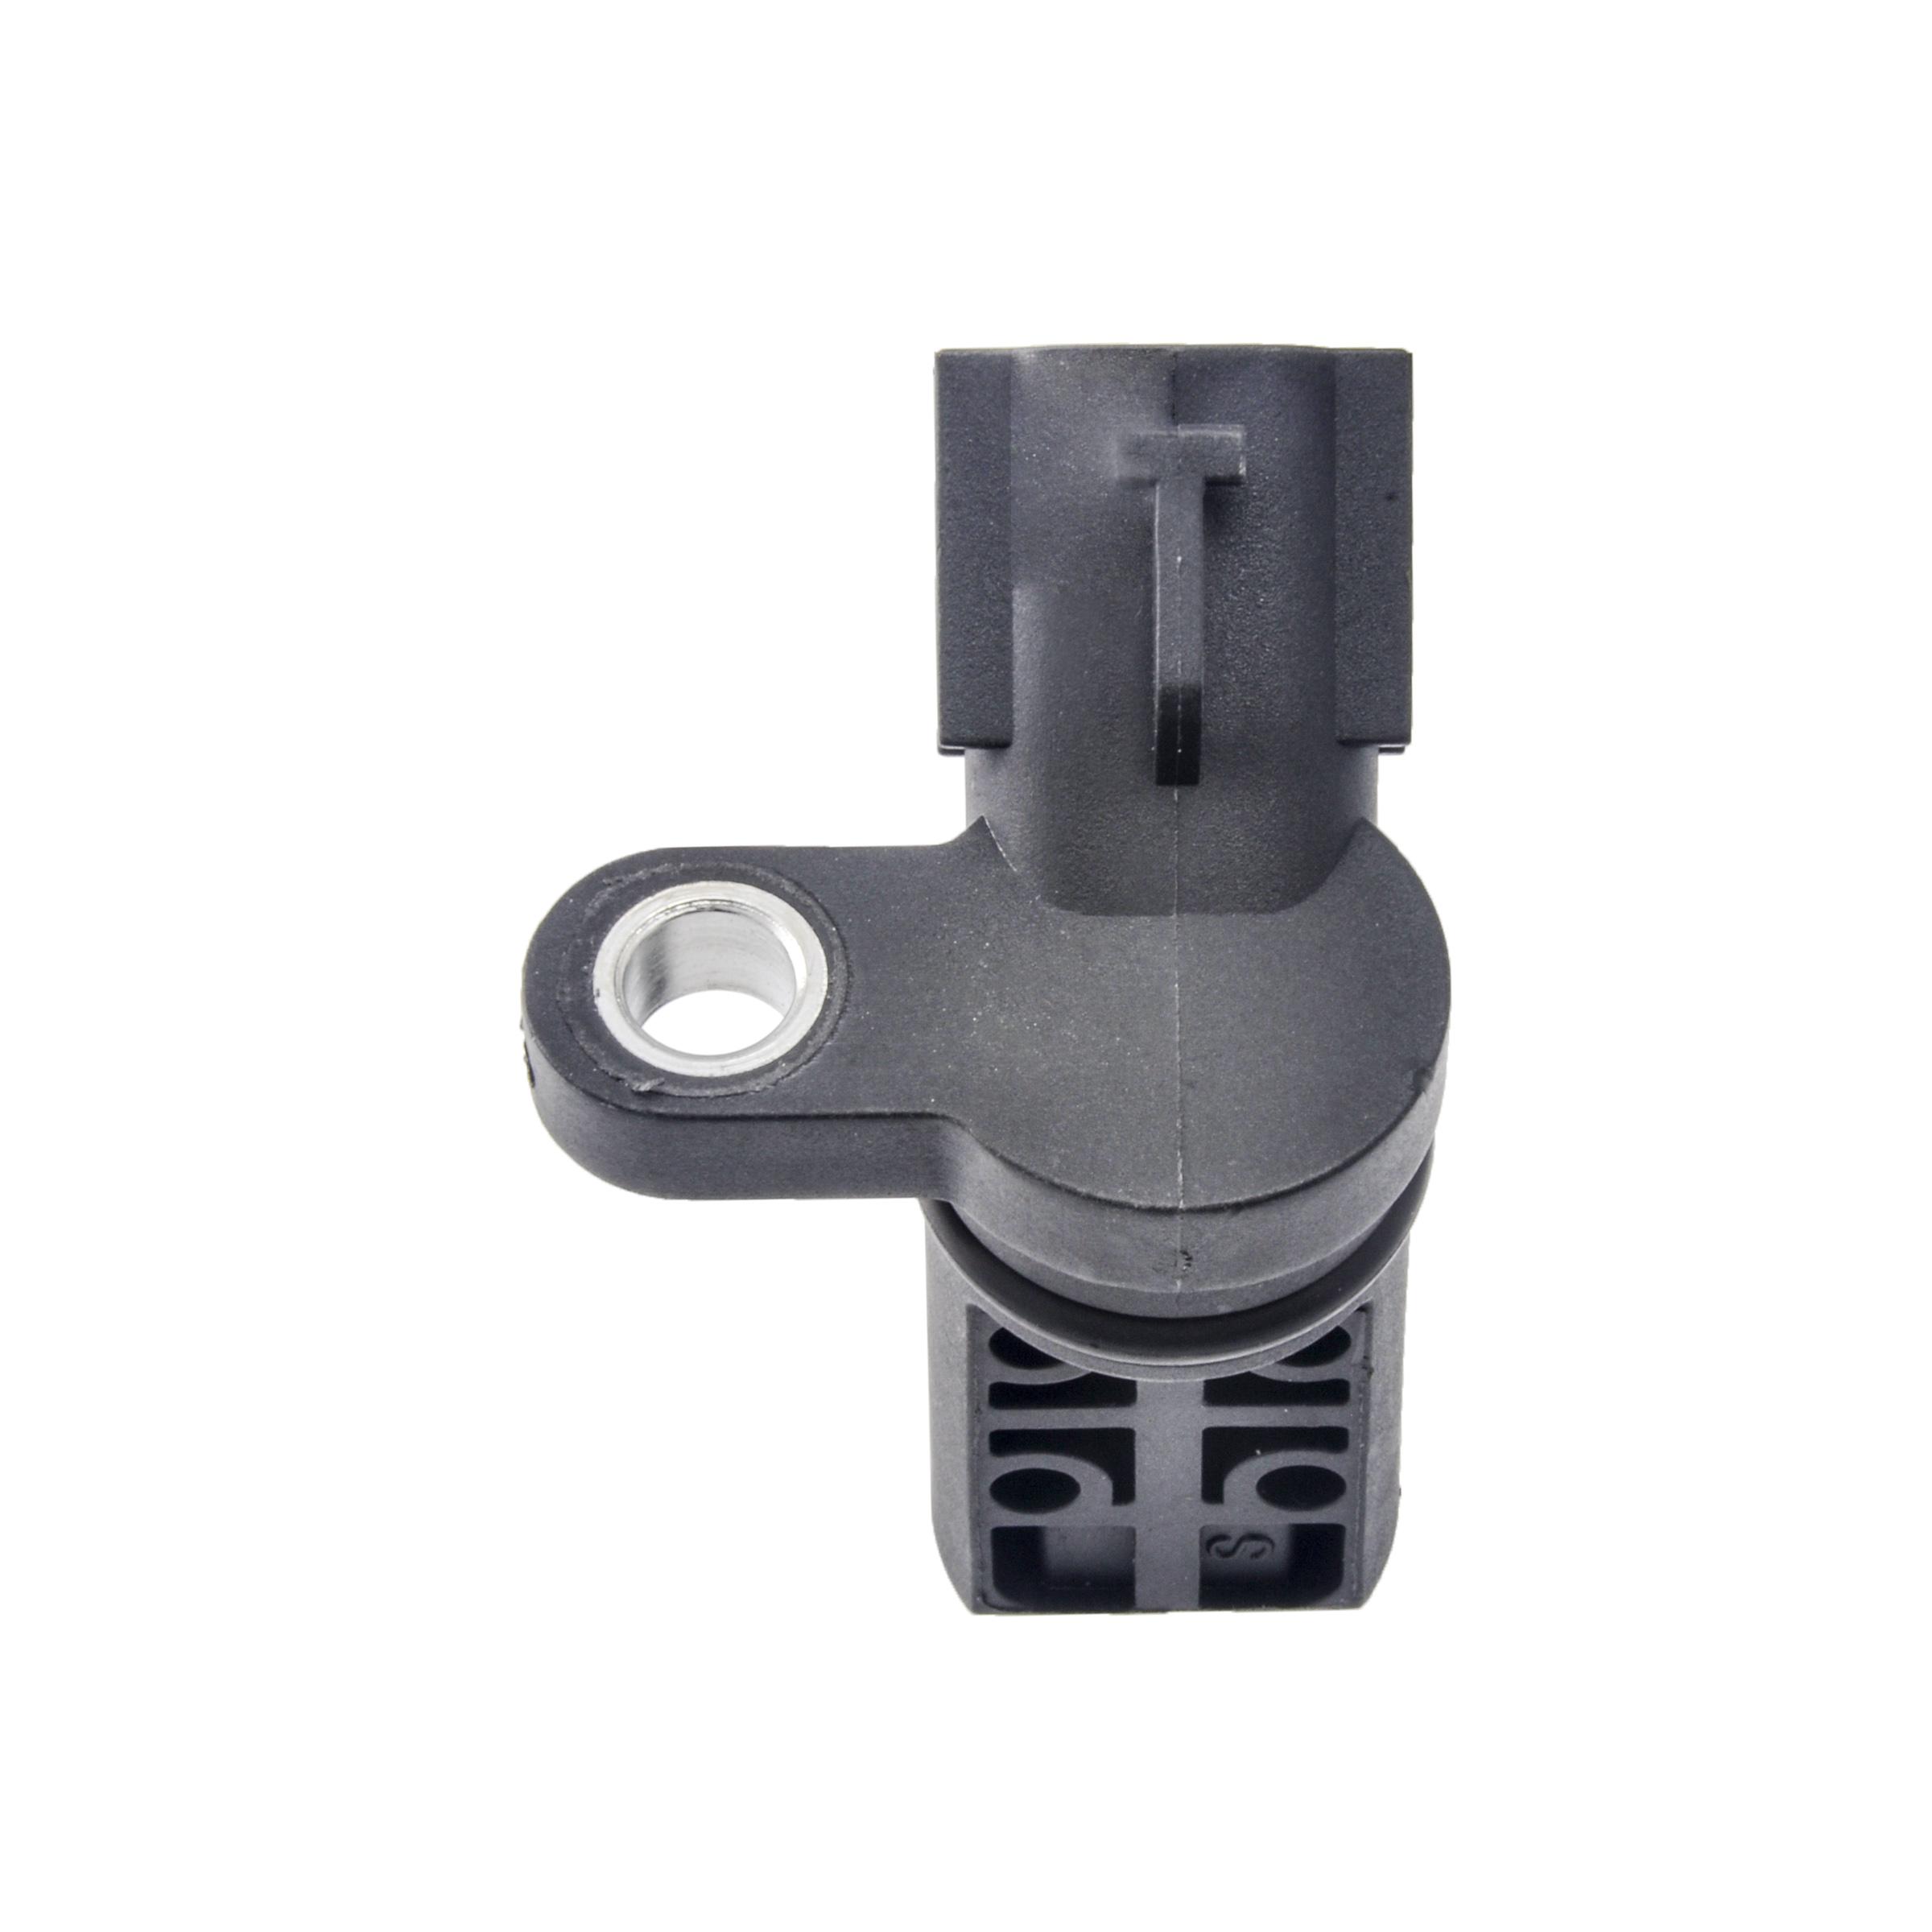 New Herko Crankshaft Position Sensor CKP2040 For Infiniti